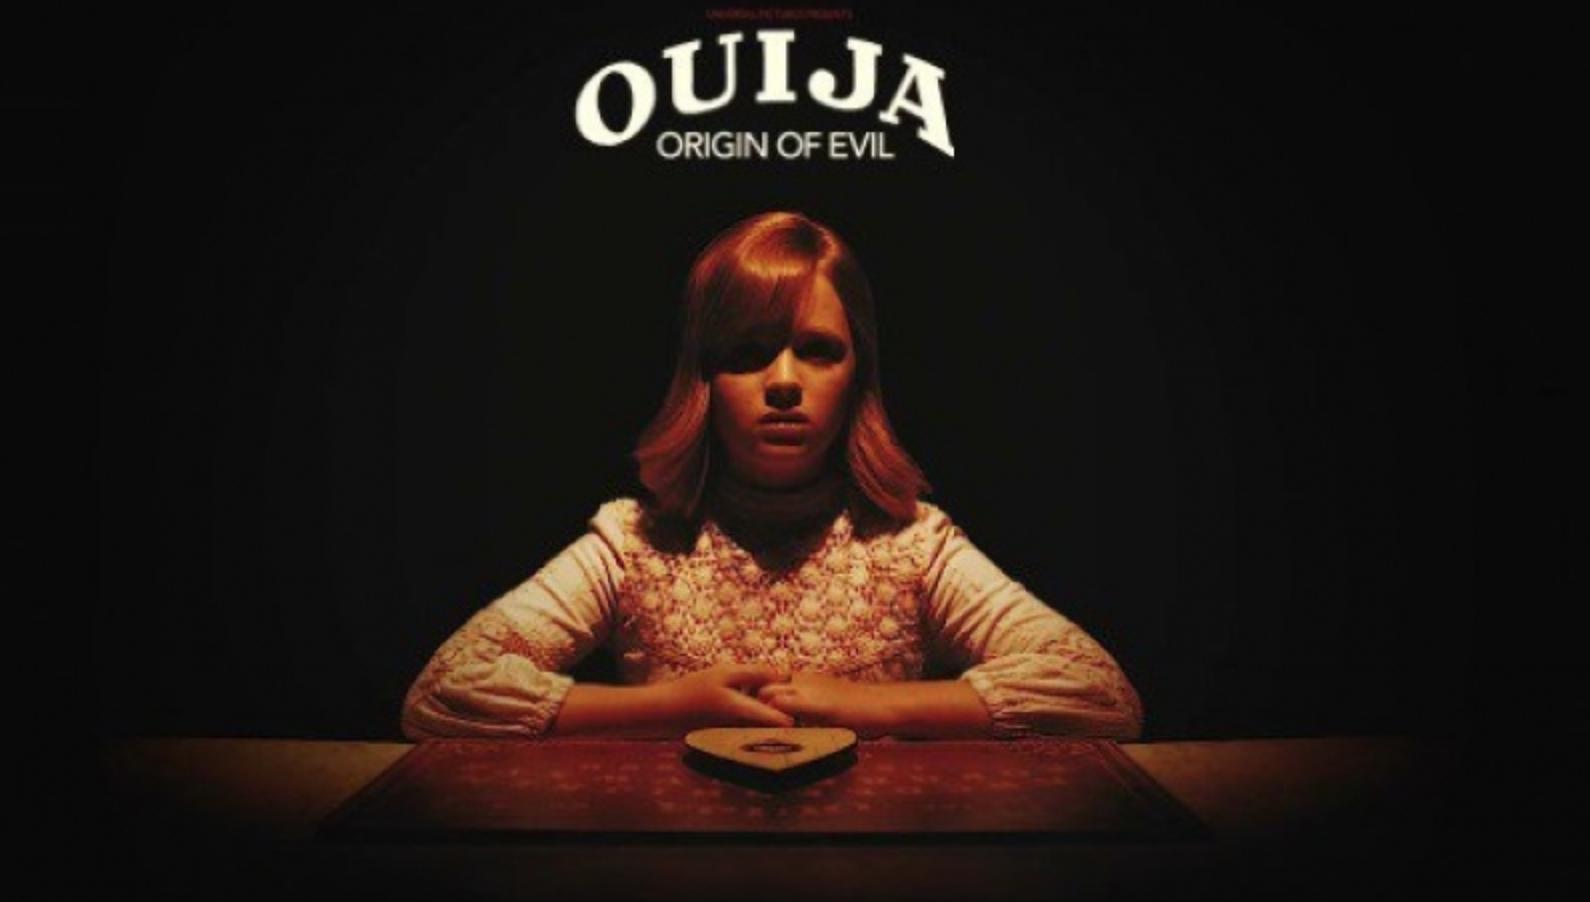 Pin By A D Jennings On Grimburton Ouija Origin Of Evil Ouija Evil